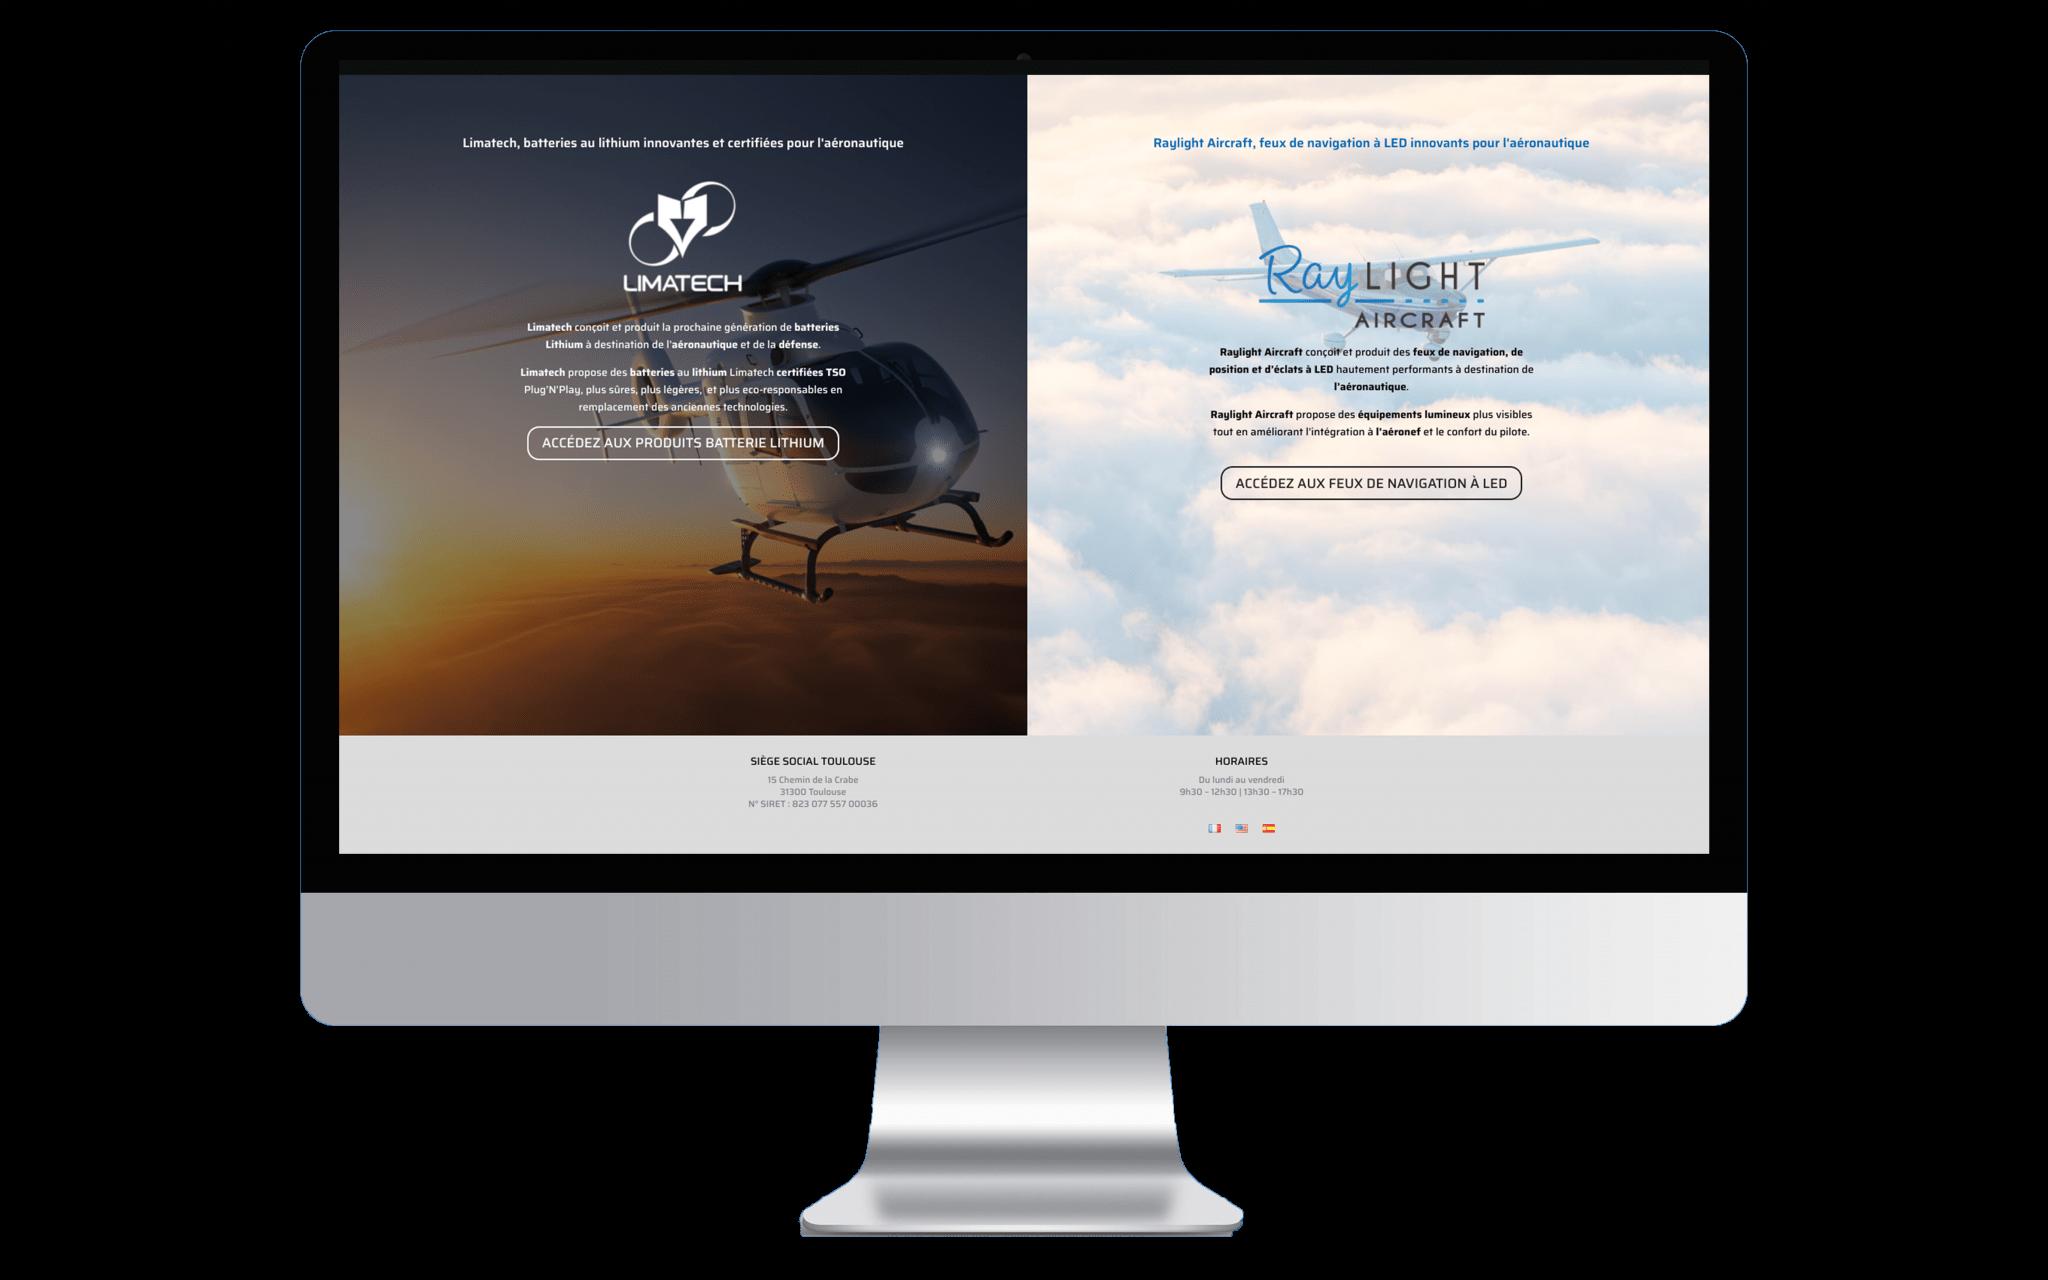 Mockup d'un ordinateur affichant la page d'accueil de Polytec Industrie en entière.